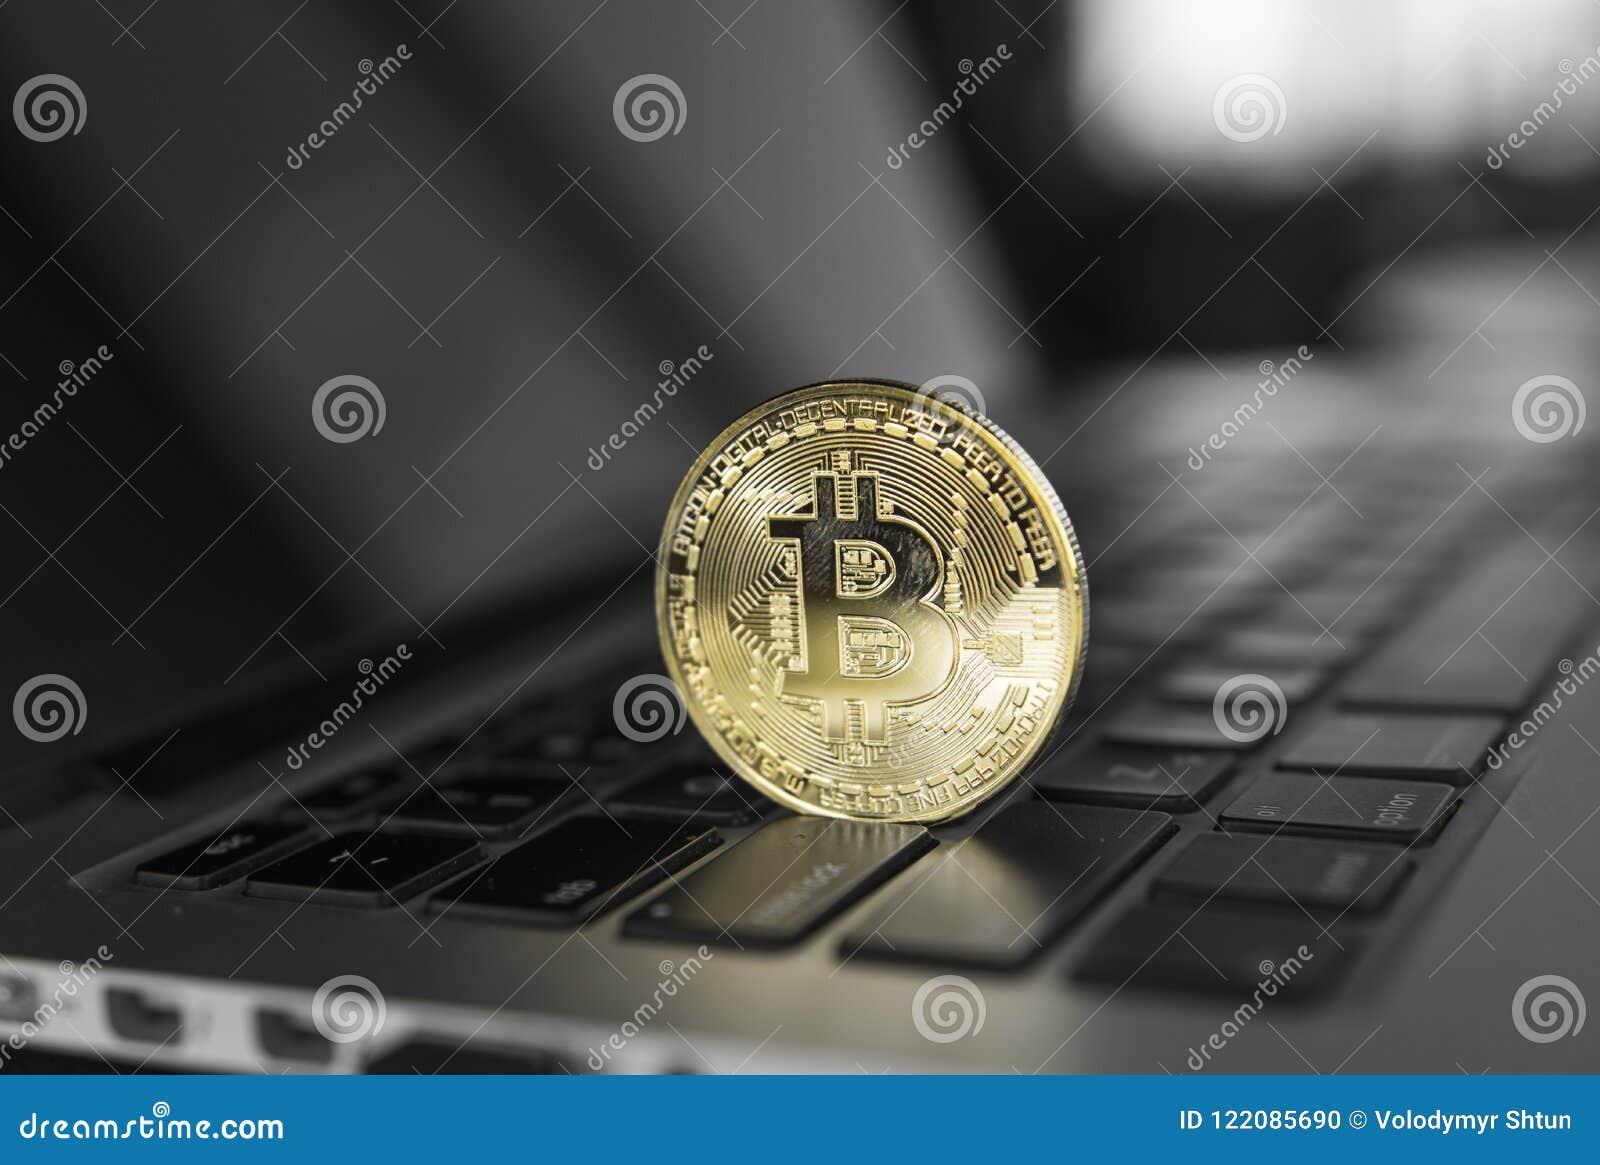 Дело монетка возврат денег в течение какого срока